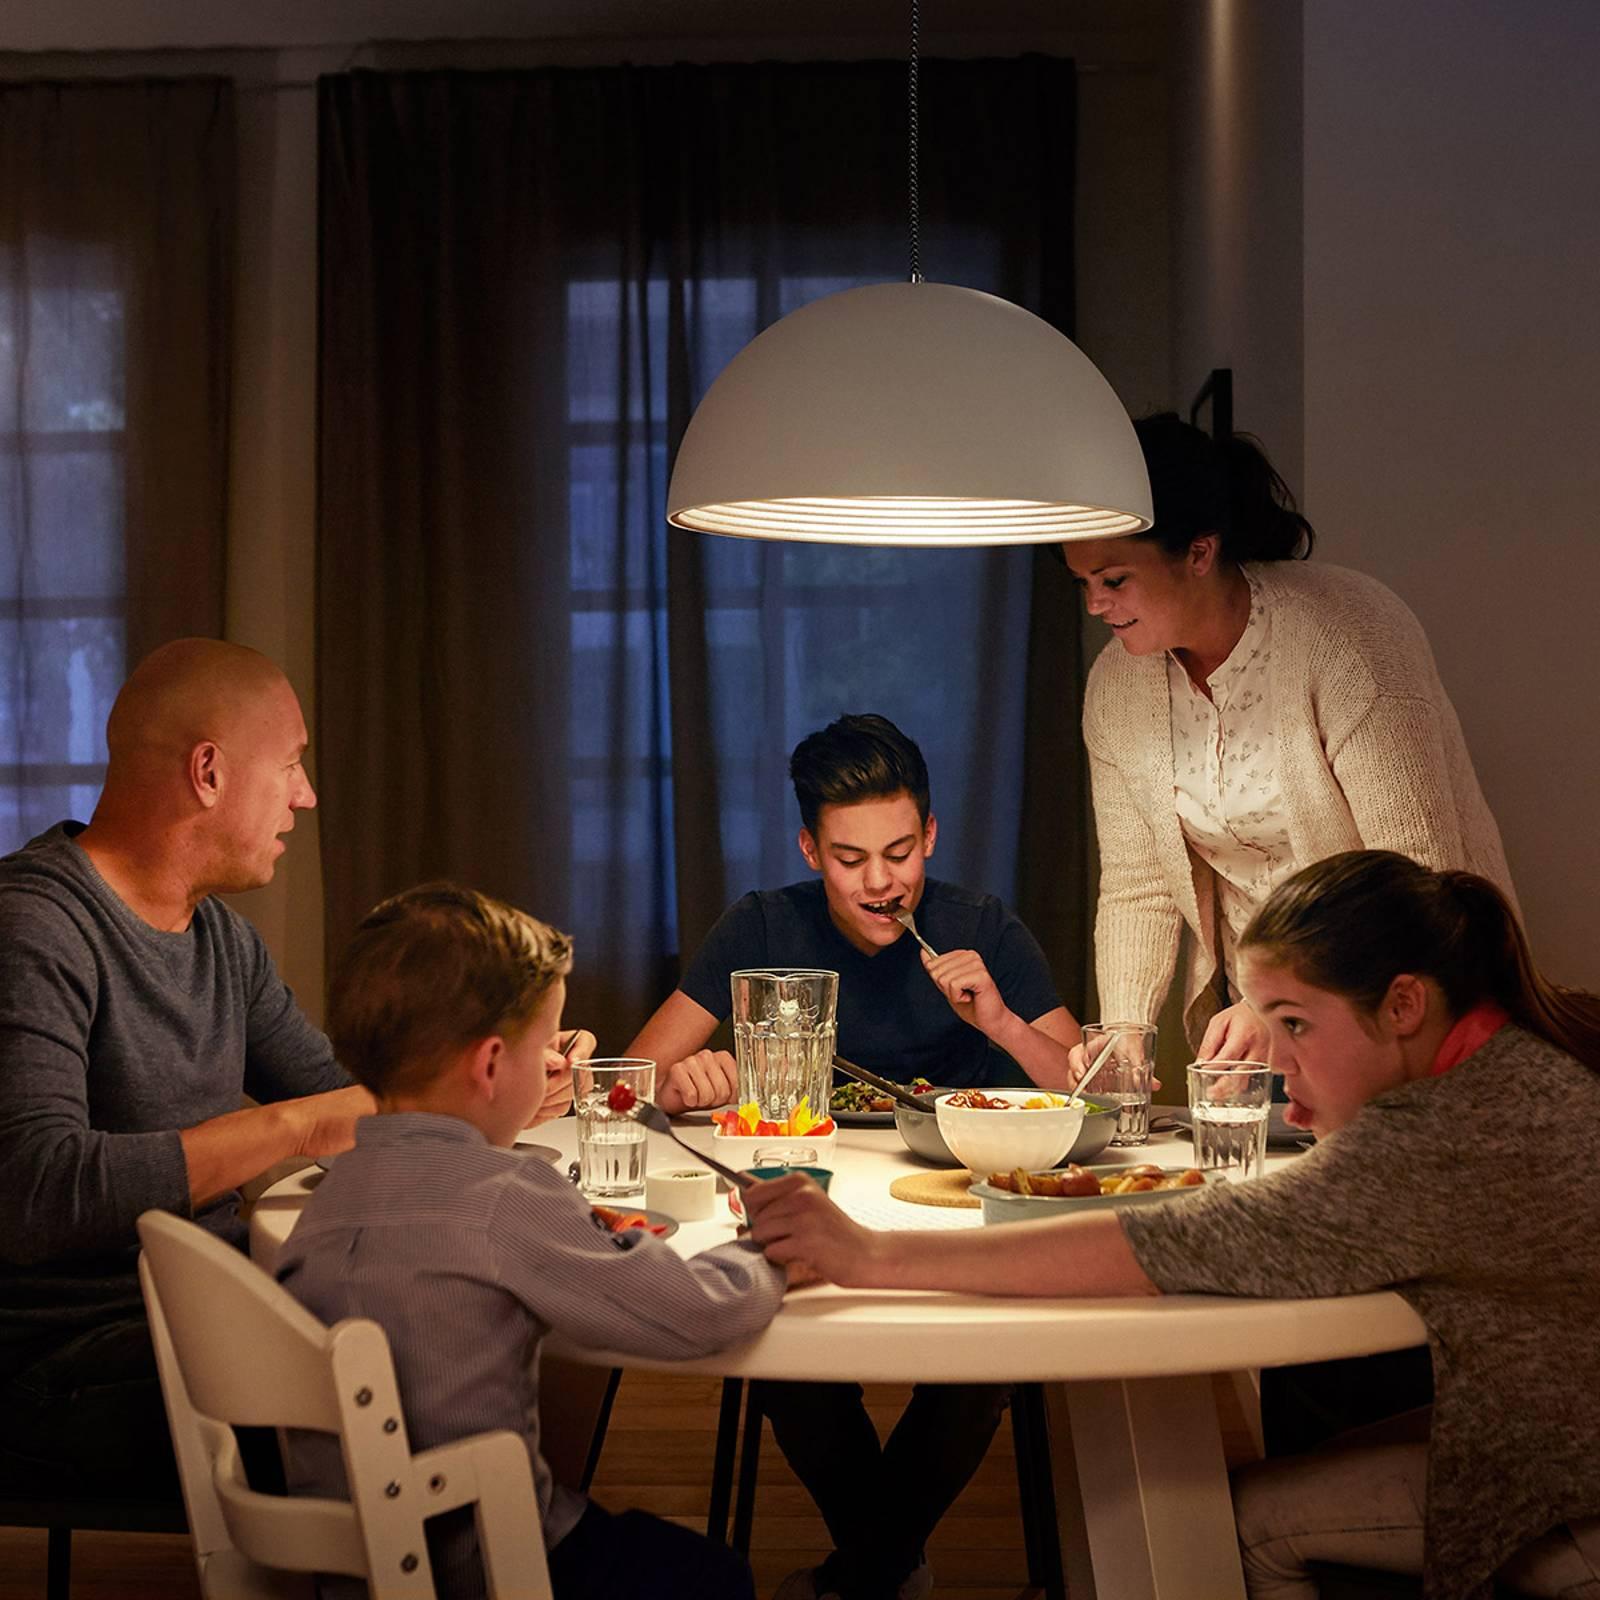 E27 A19 LED-lamppu päivä/yötunnistin 7,5 W 2 700 K